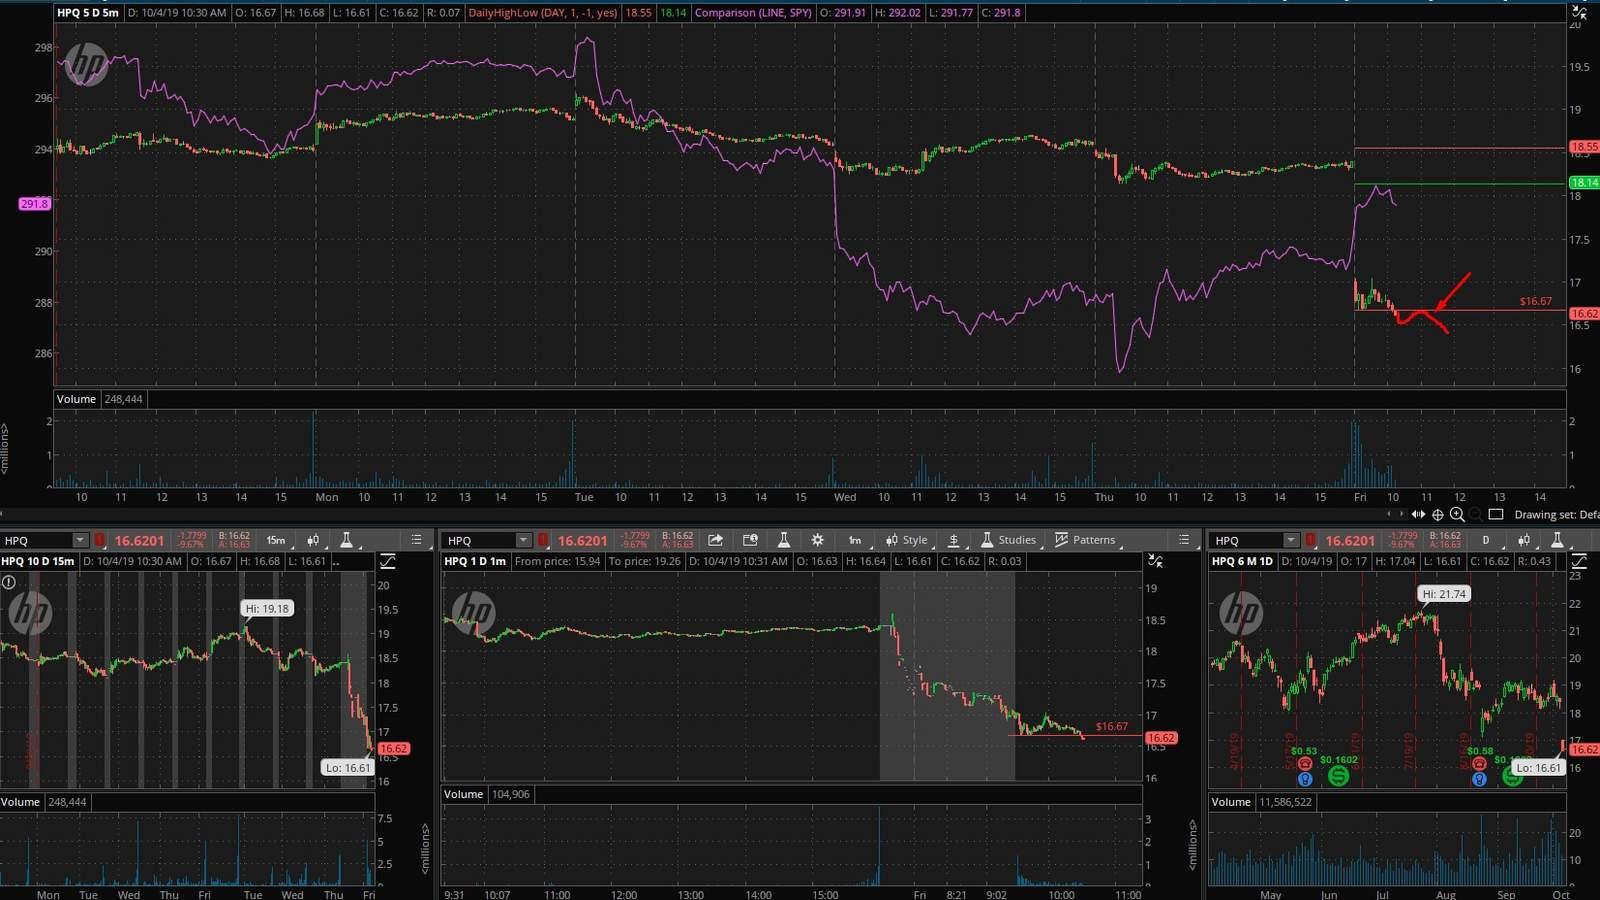 HPQ акция на фондовой бирже